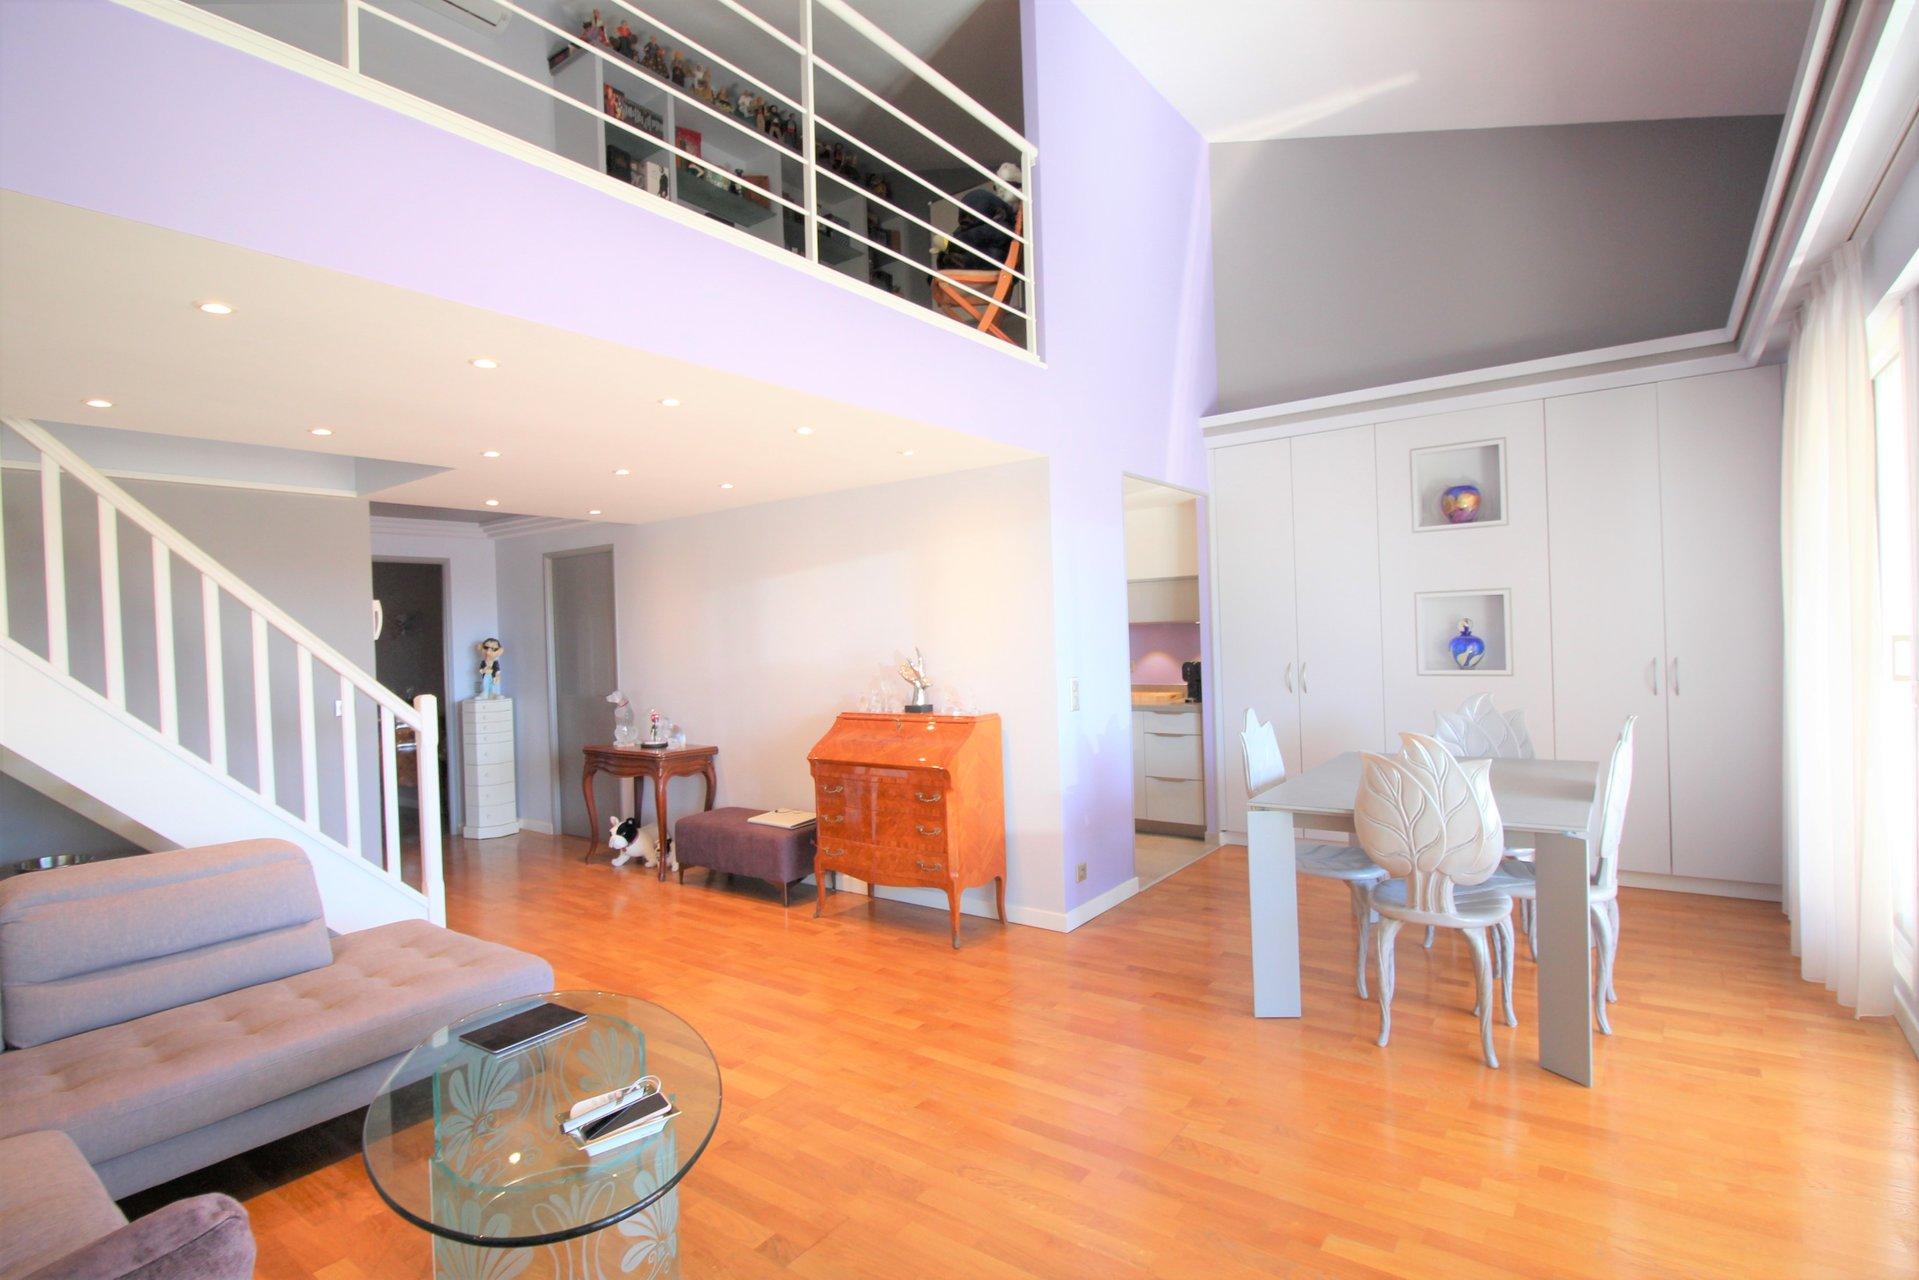 Cannes Banane - Dernier étage - terrasse 3/4 Pièces 112m²